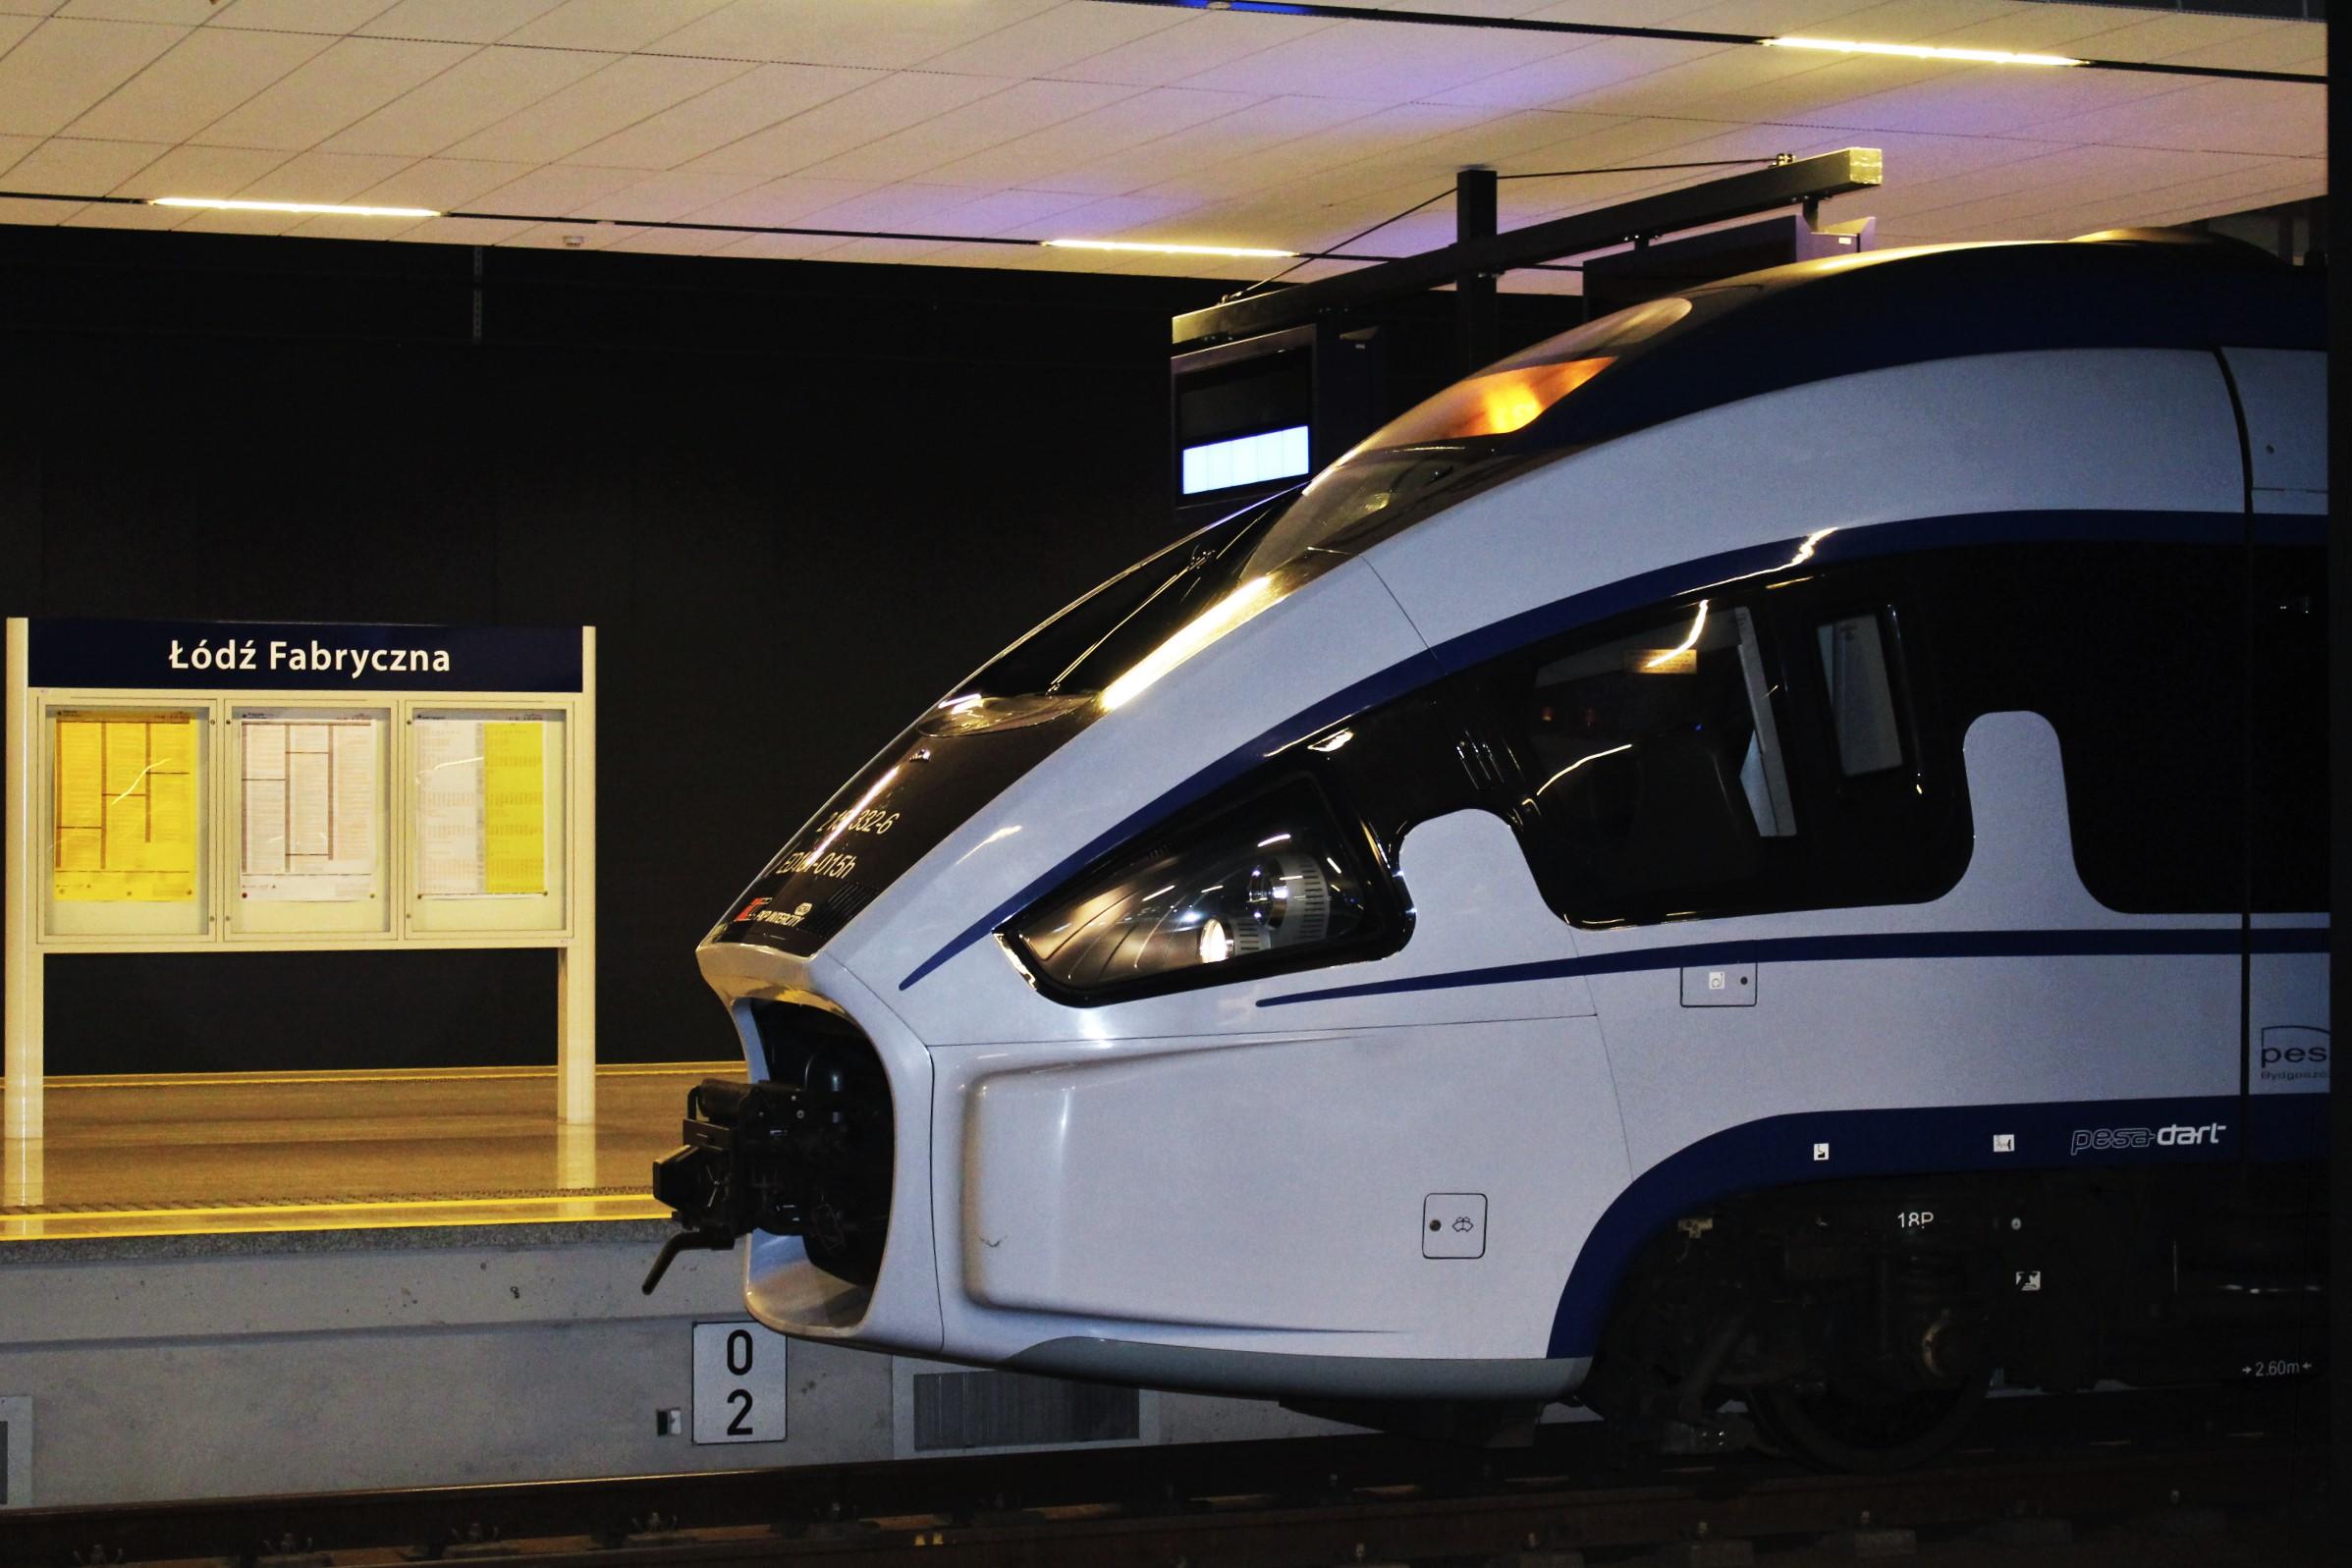 NaKolei.pl - Mobilni informatorzy, więcej miejsc w pociągach. Wyjazdy świąteczne i przygotowania spółek Grupy PKP